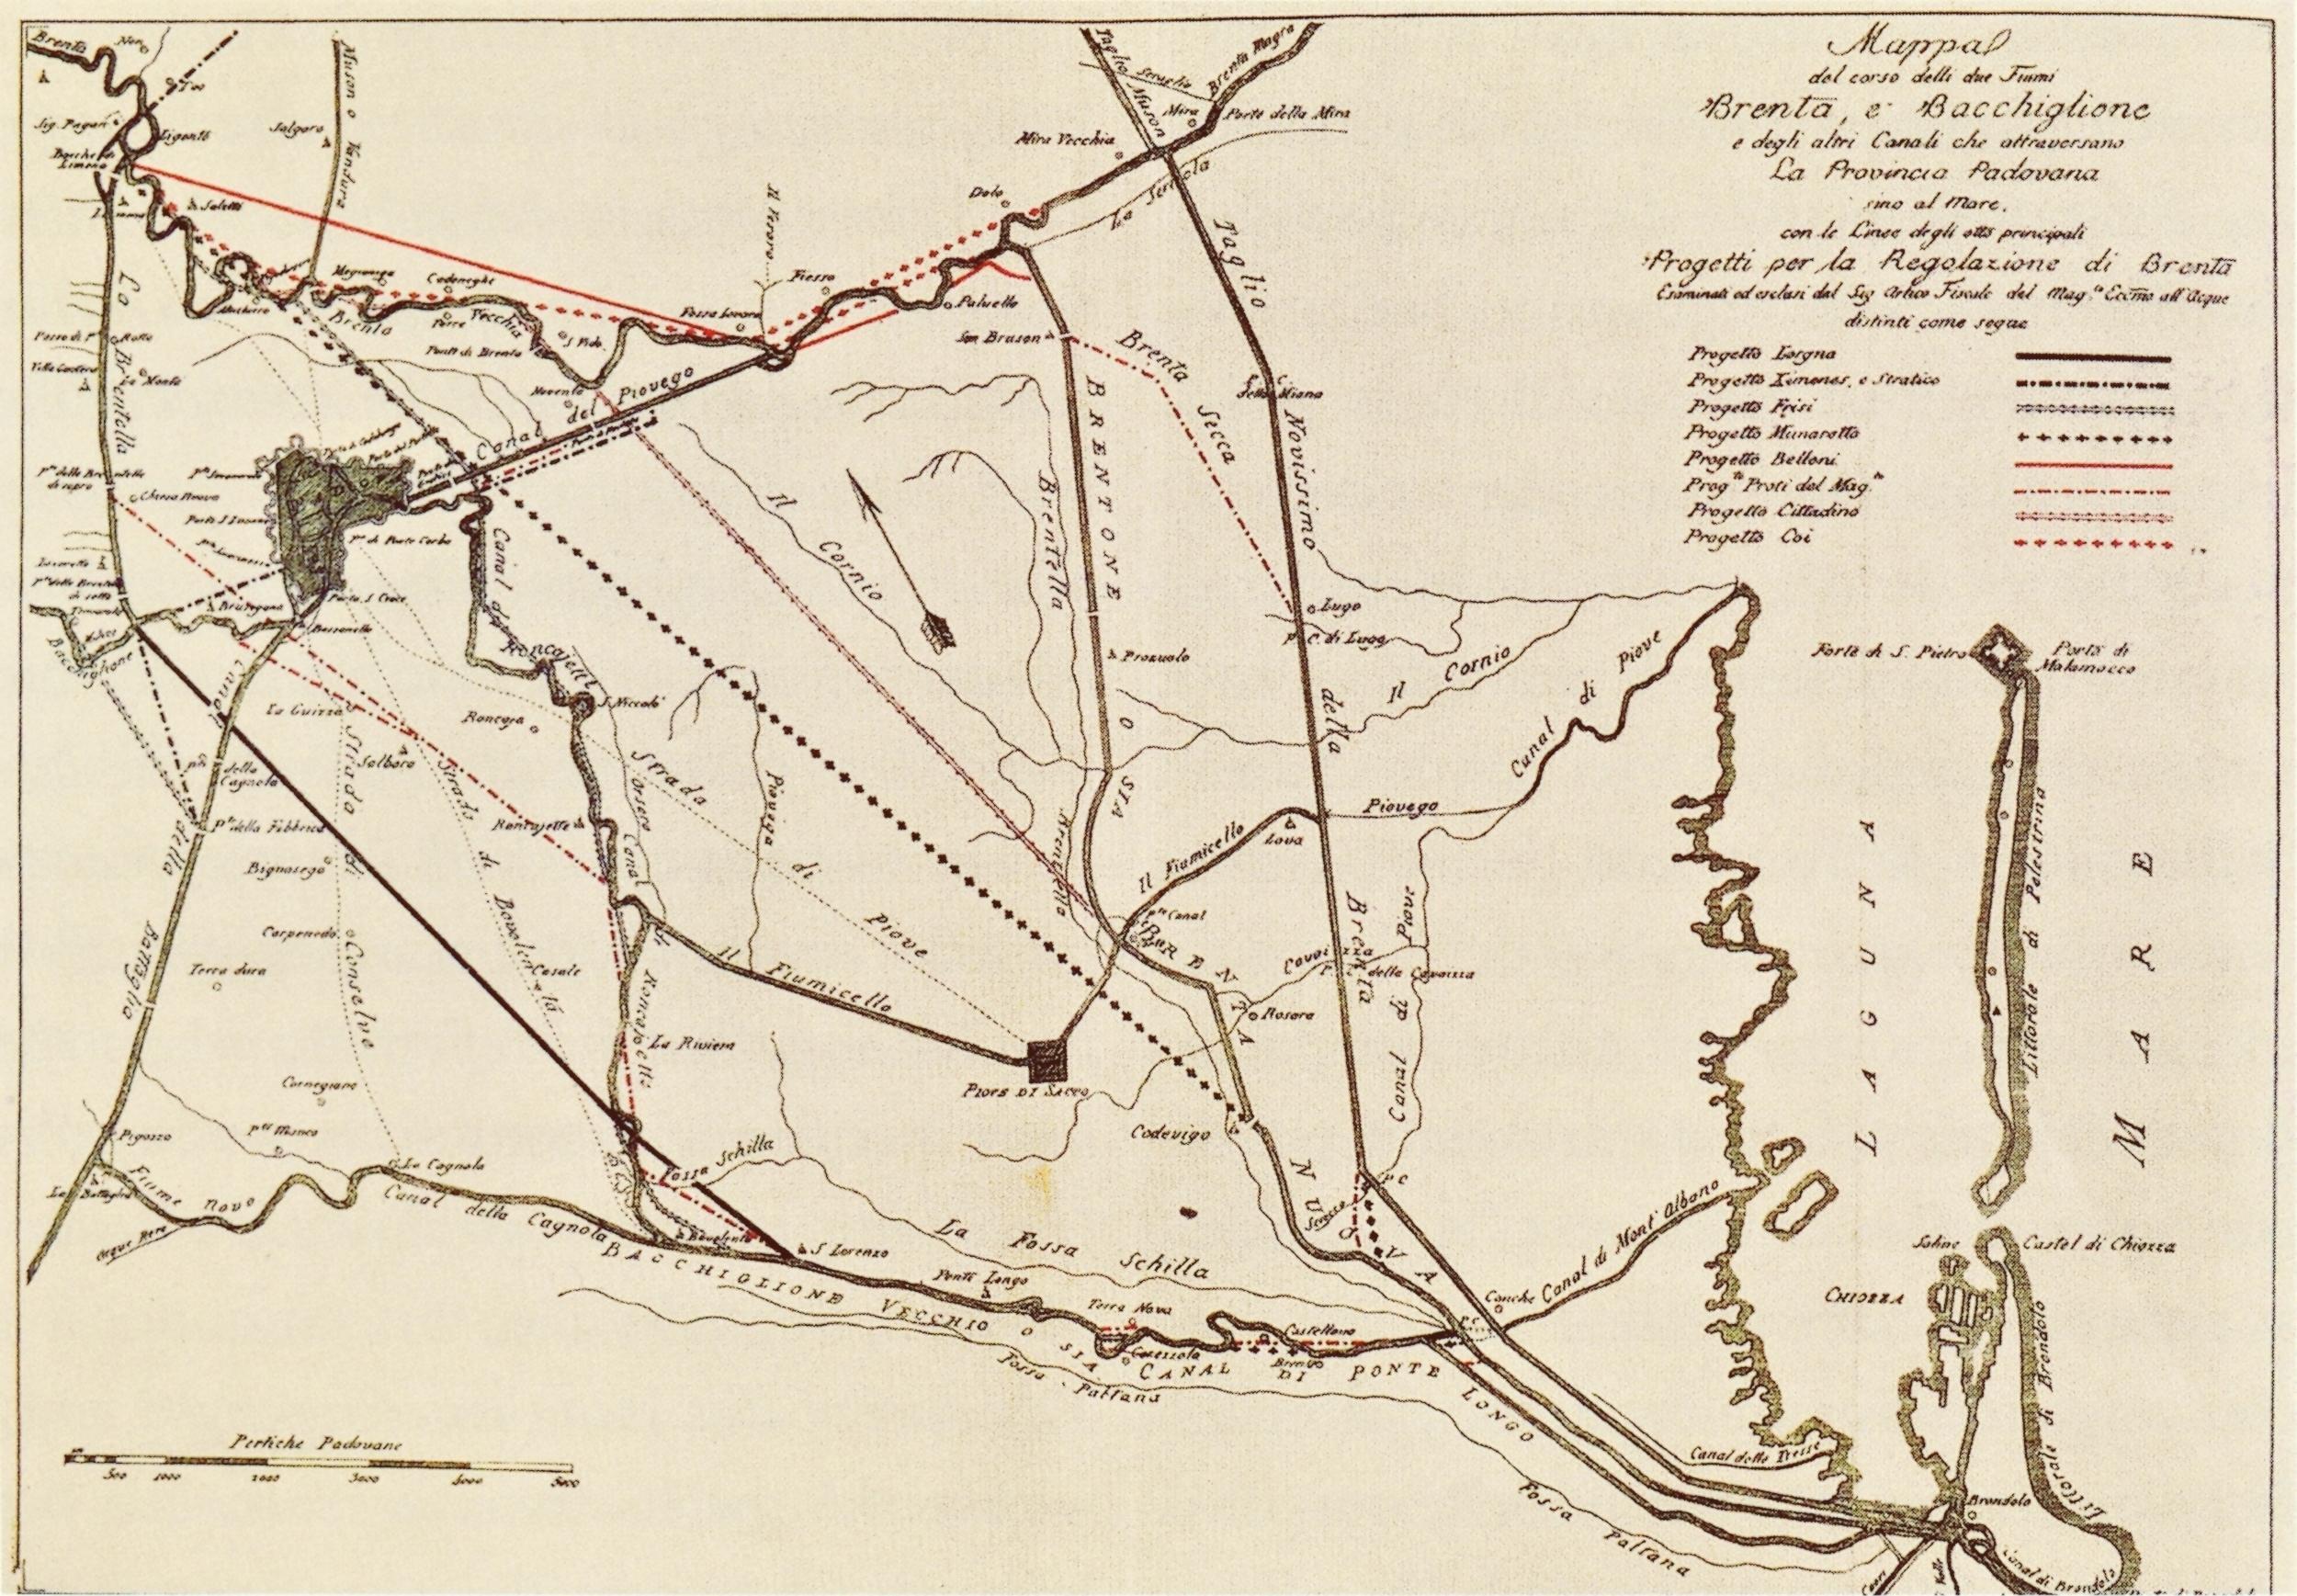 Mappa dei fiumi e dei canali tra la Provincia padovana e il mare.